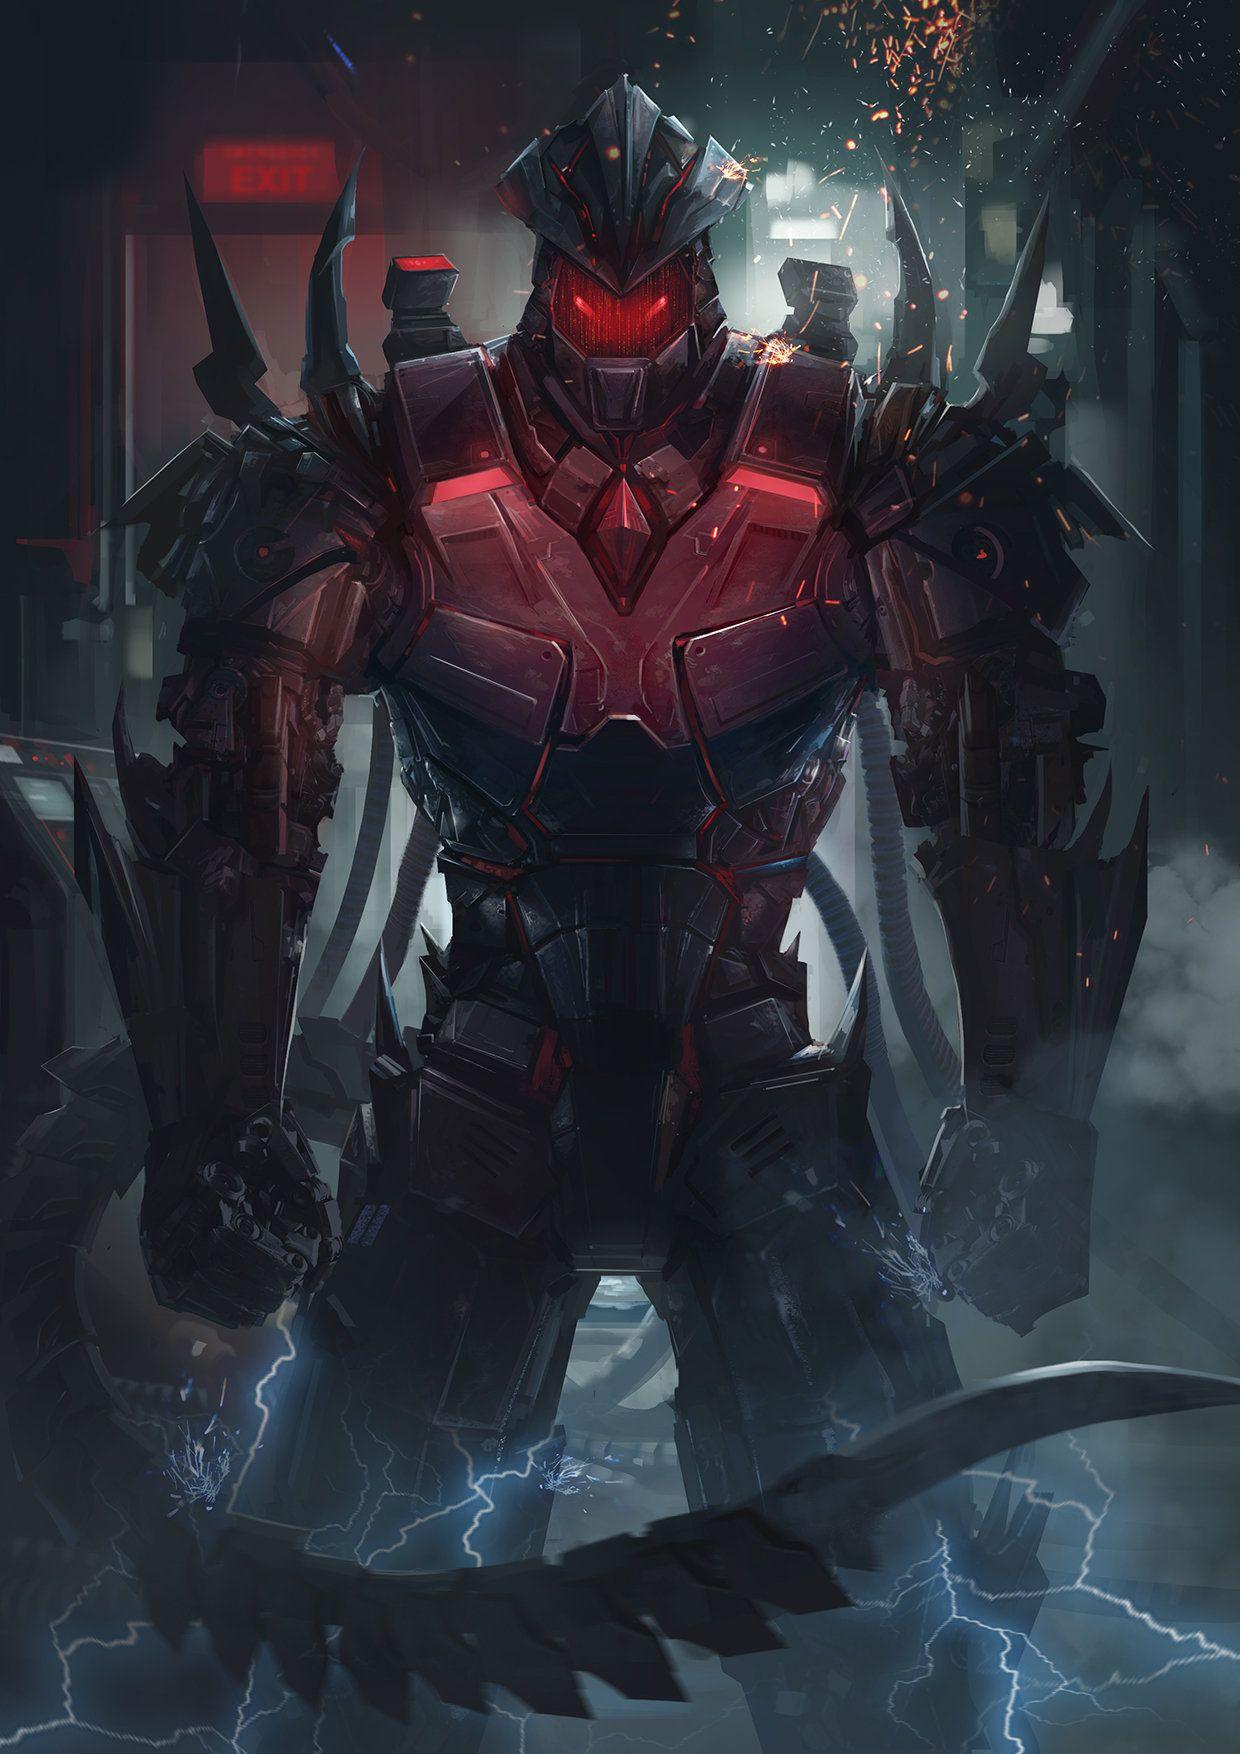 ArtStation - Battle of Steel, Zack Cy | Sci fi concept art